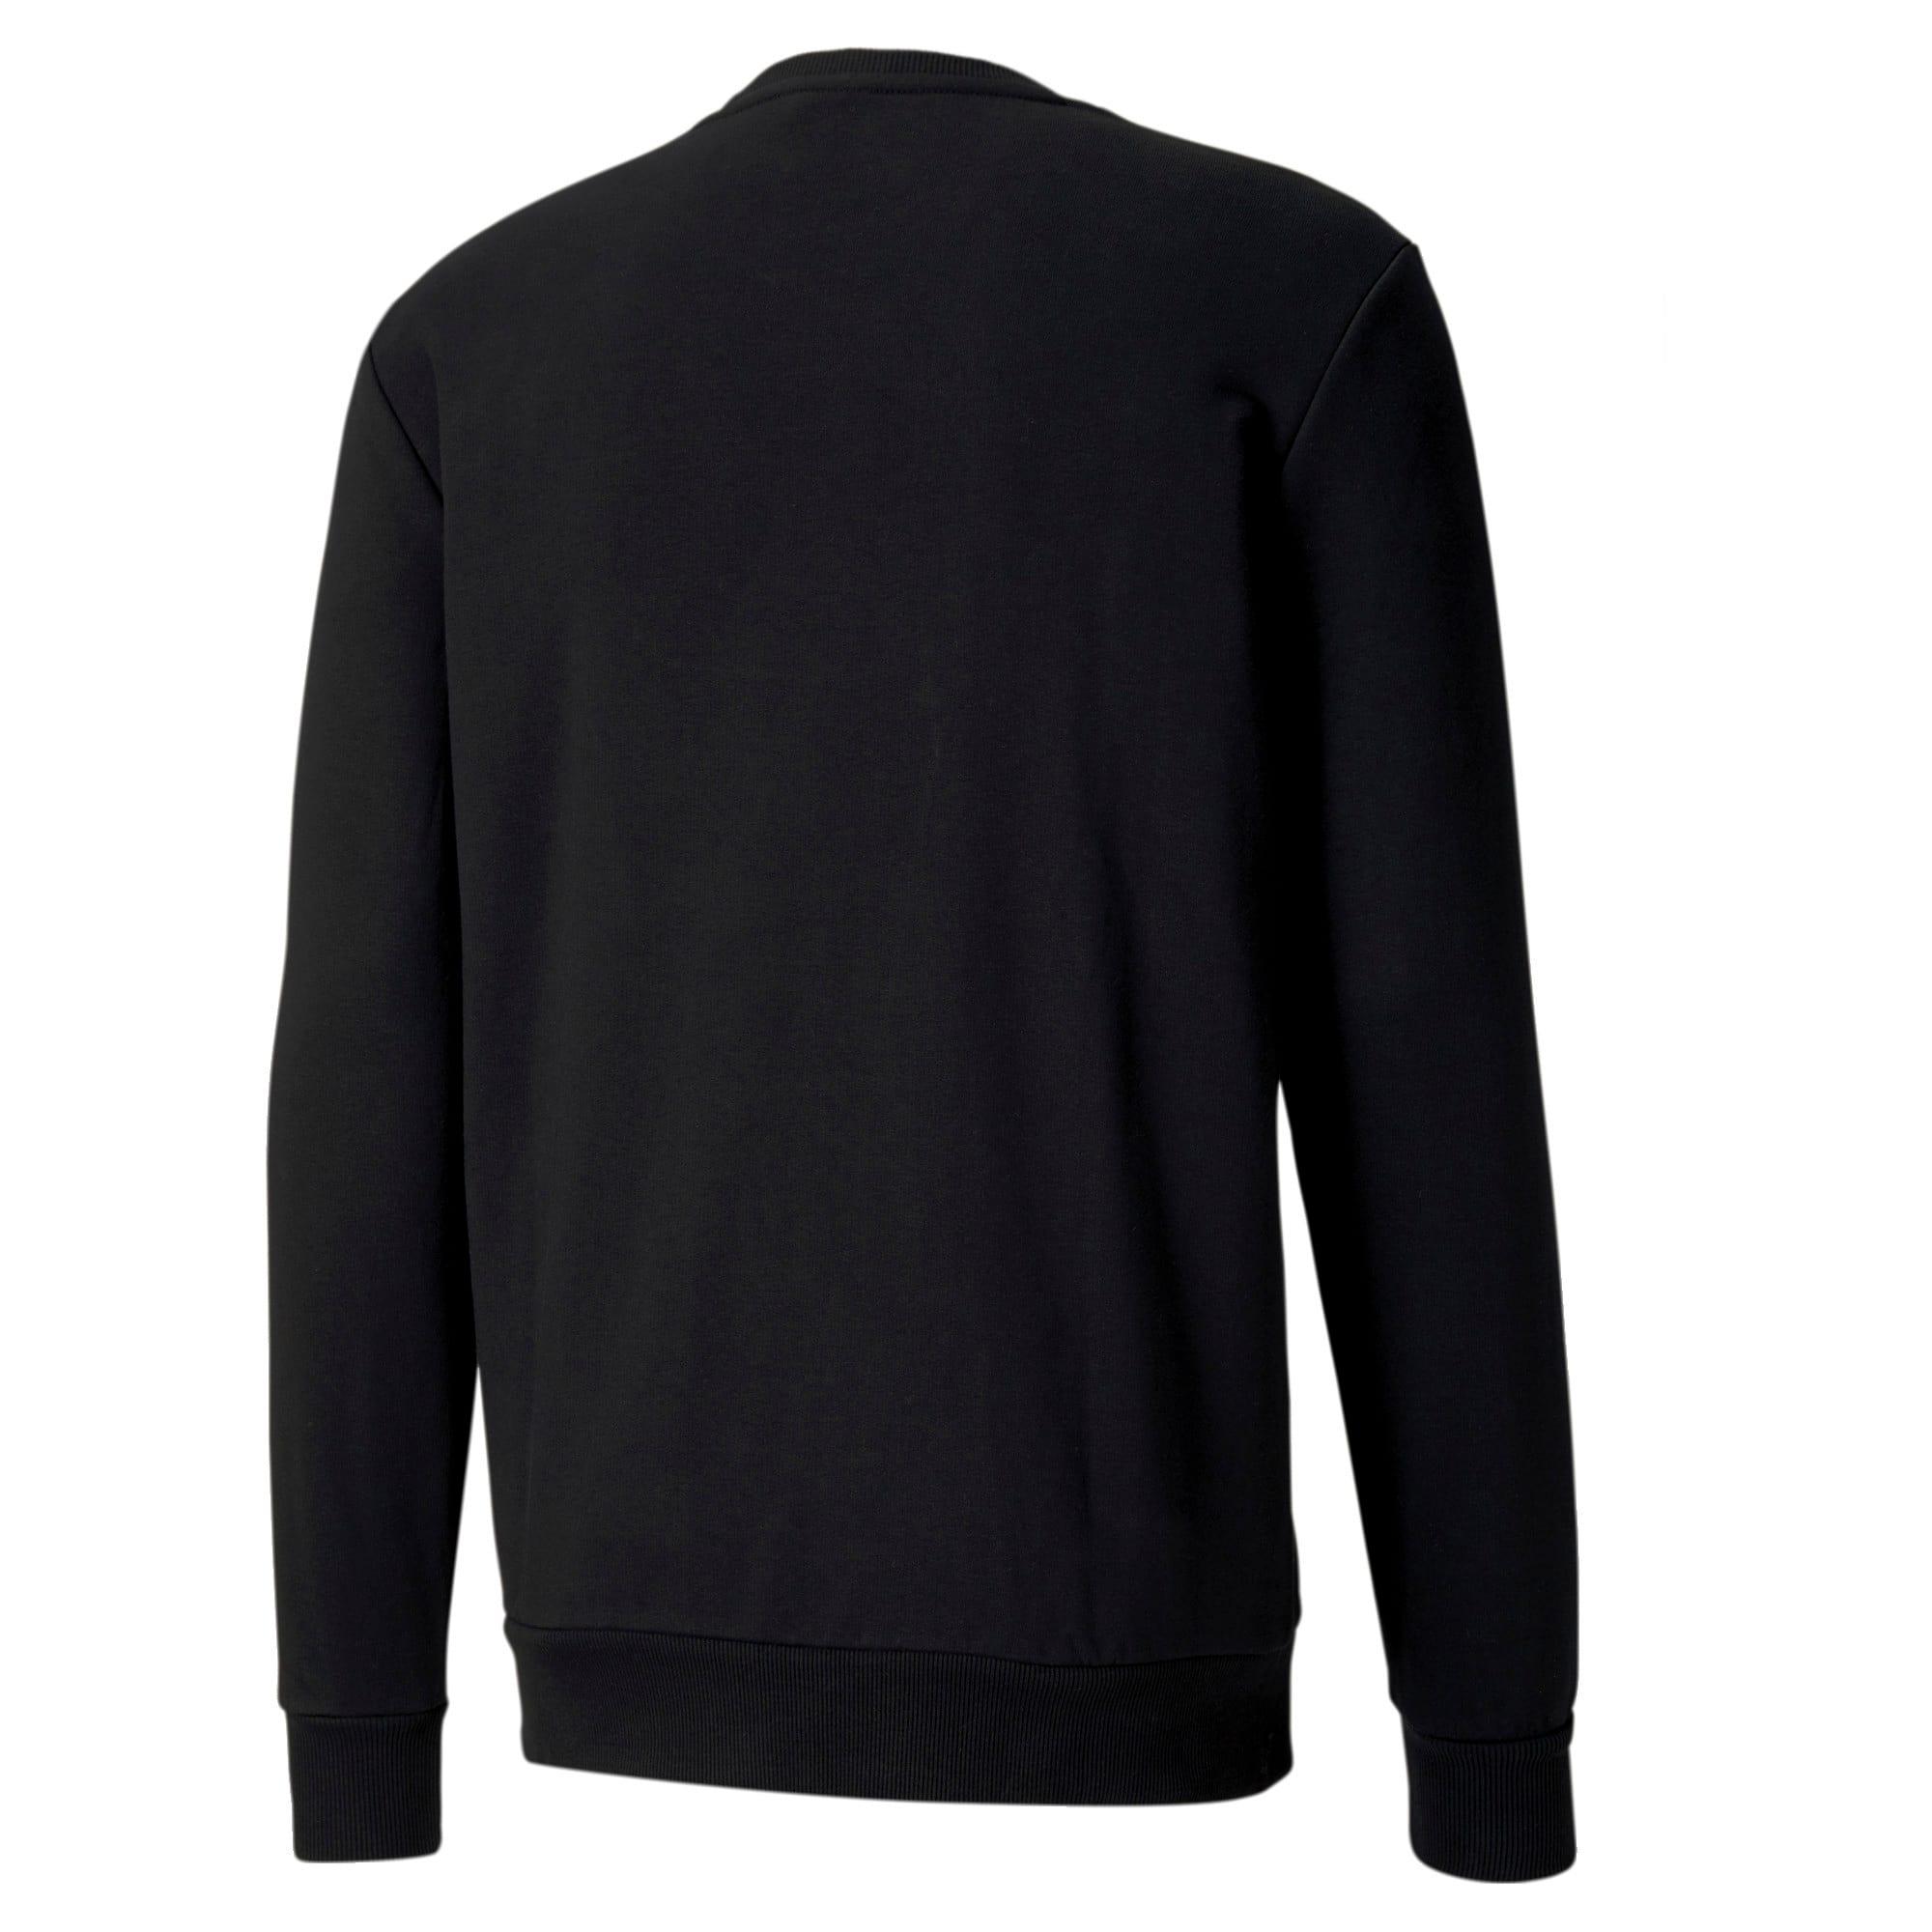 Thumbnail 5 of Classics Logo Men's Crewneck Sweatshirt, Puma Black, medium